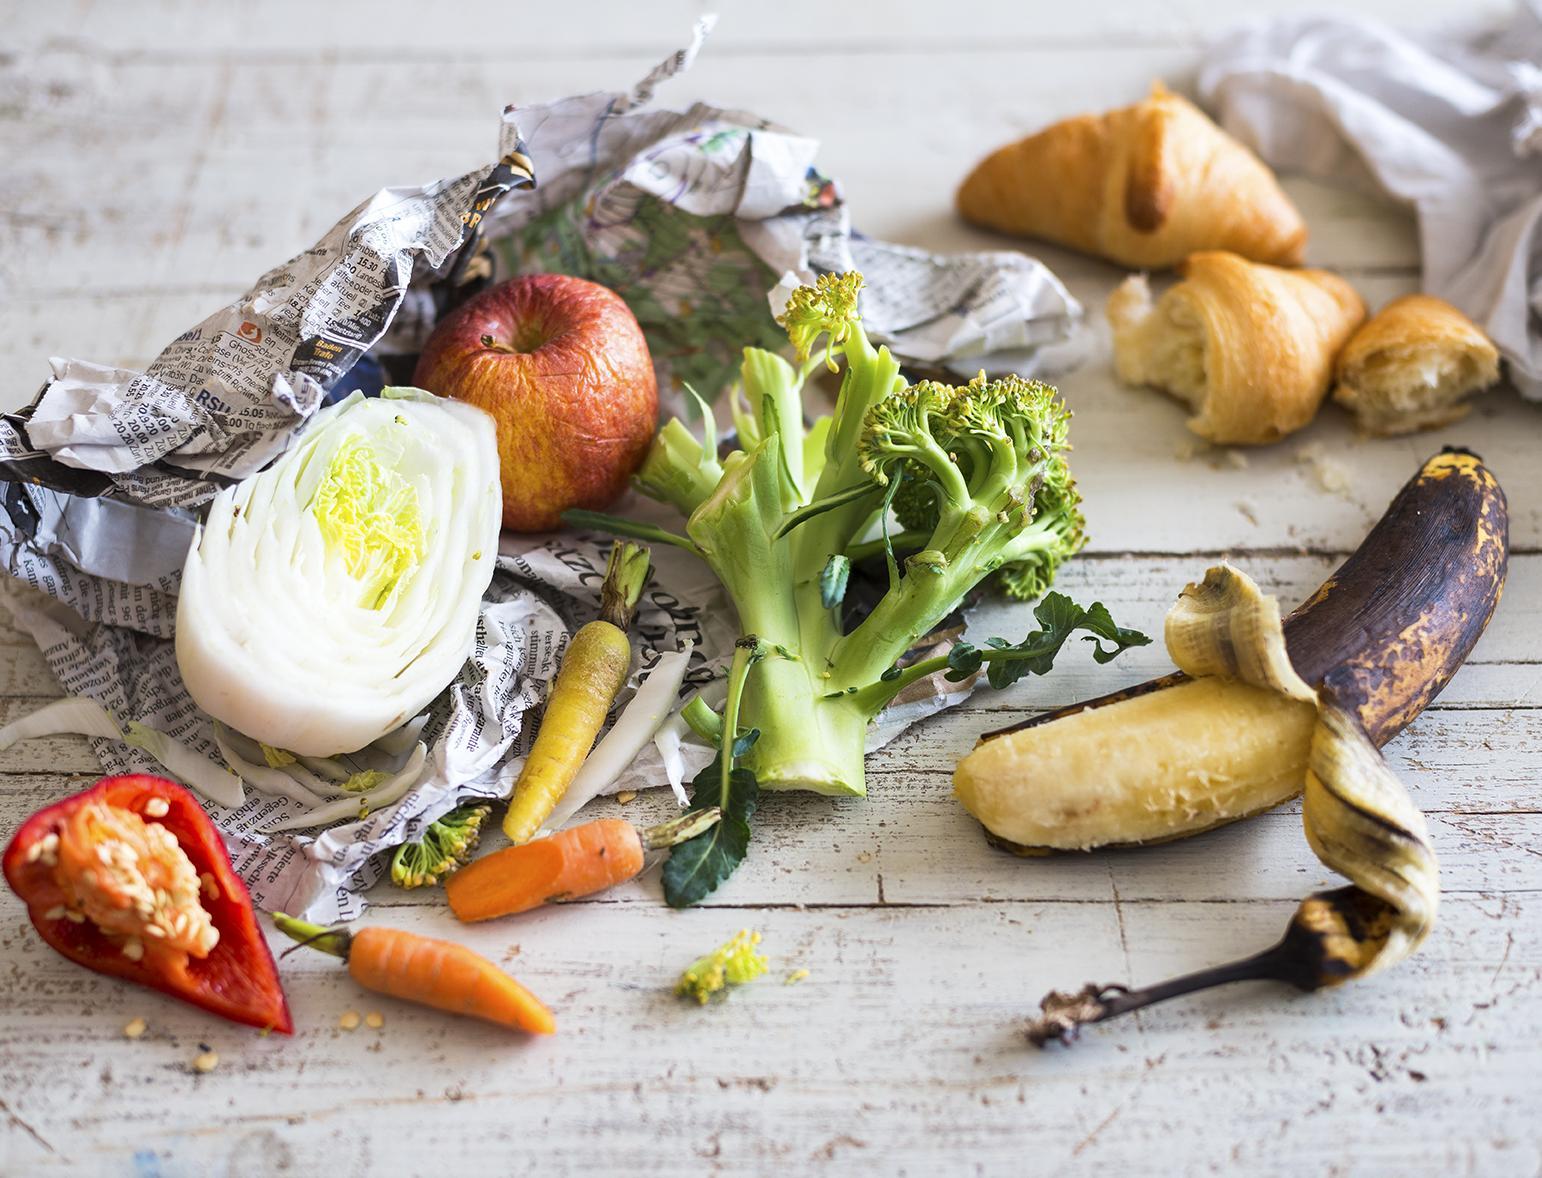 Захоронение пищевых отходов в России могут запретить